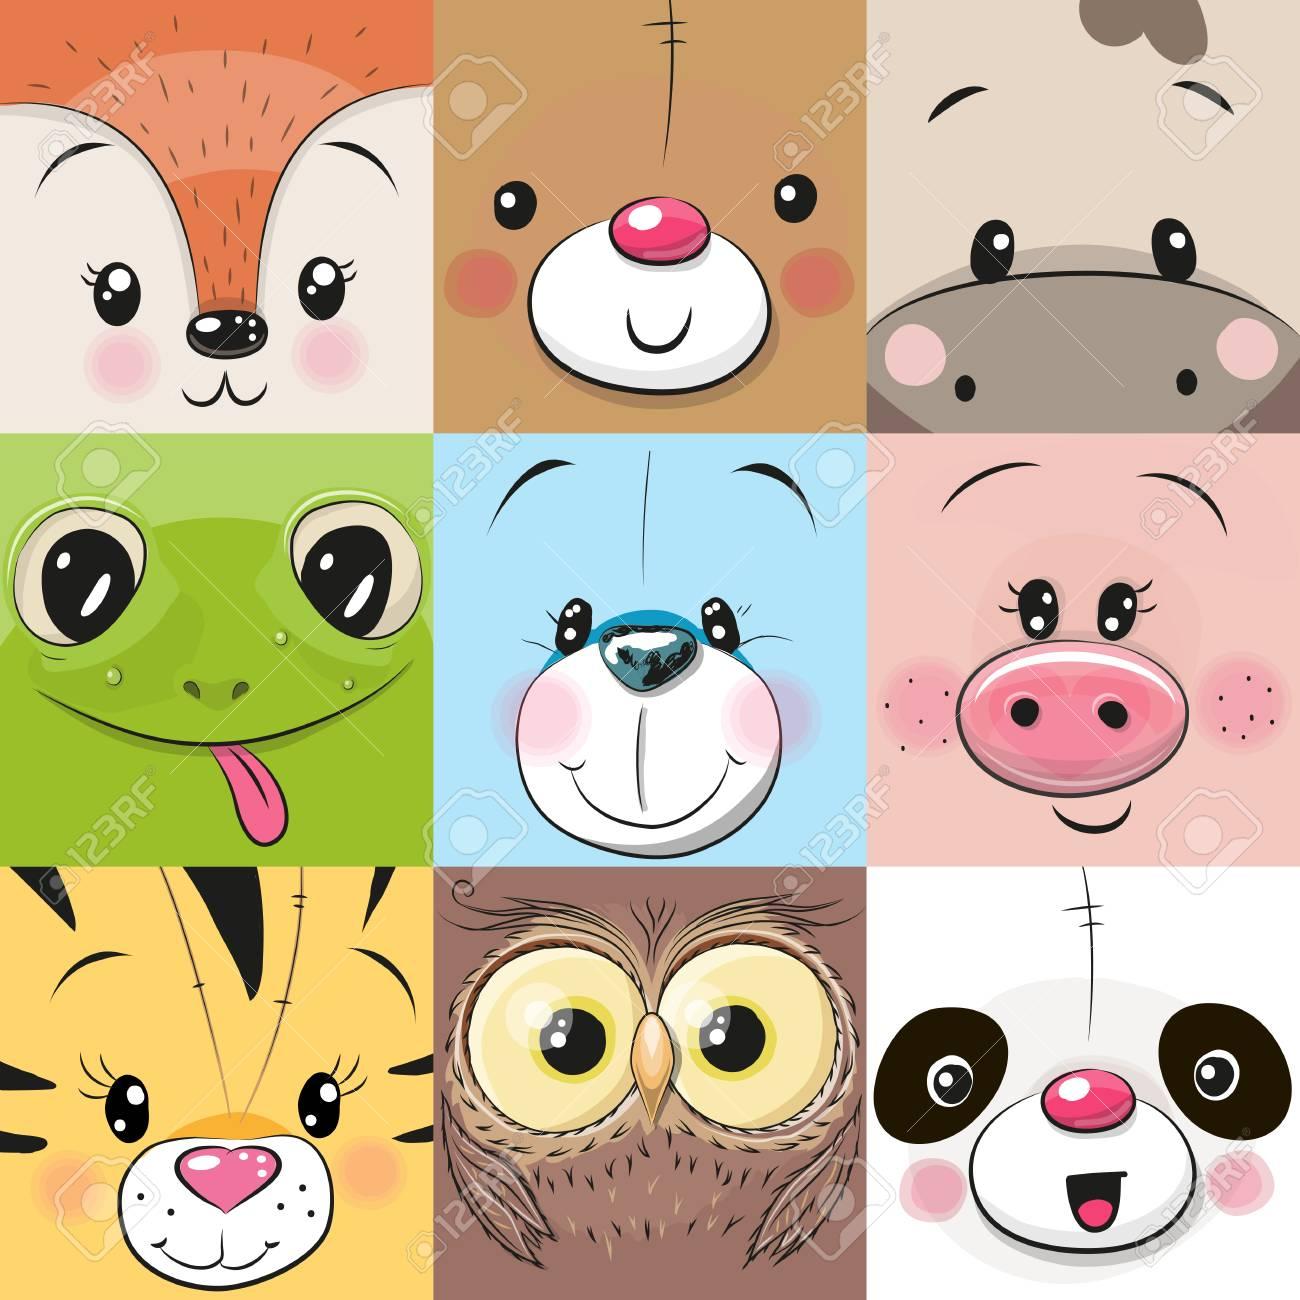 Set of Cute Cratoon square animals faces - 96253982